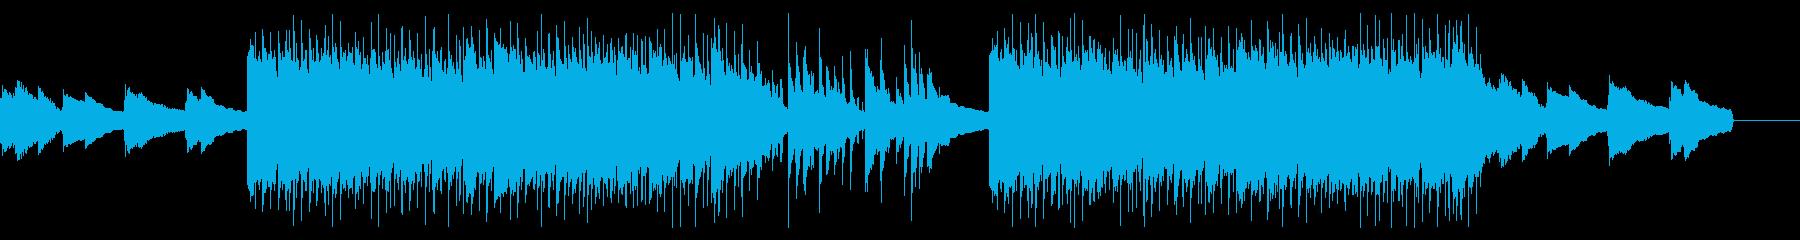 エンディング感のあるメロウなHIPHOPの再生済みの波形